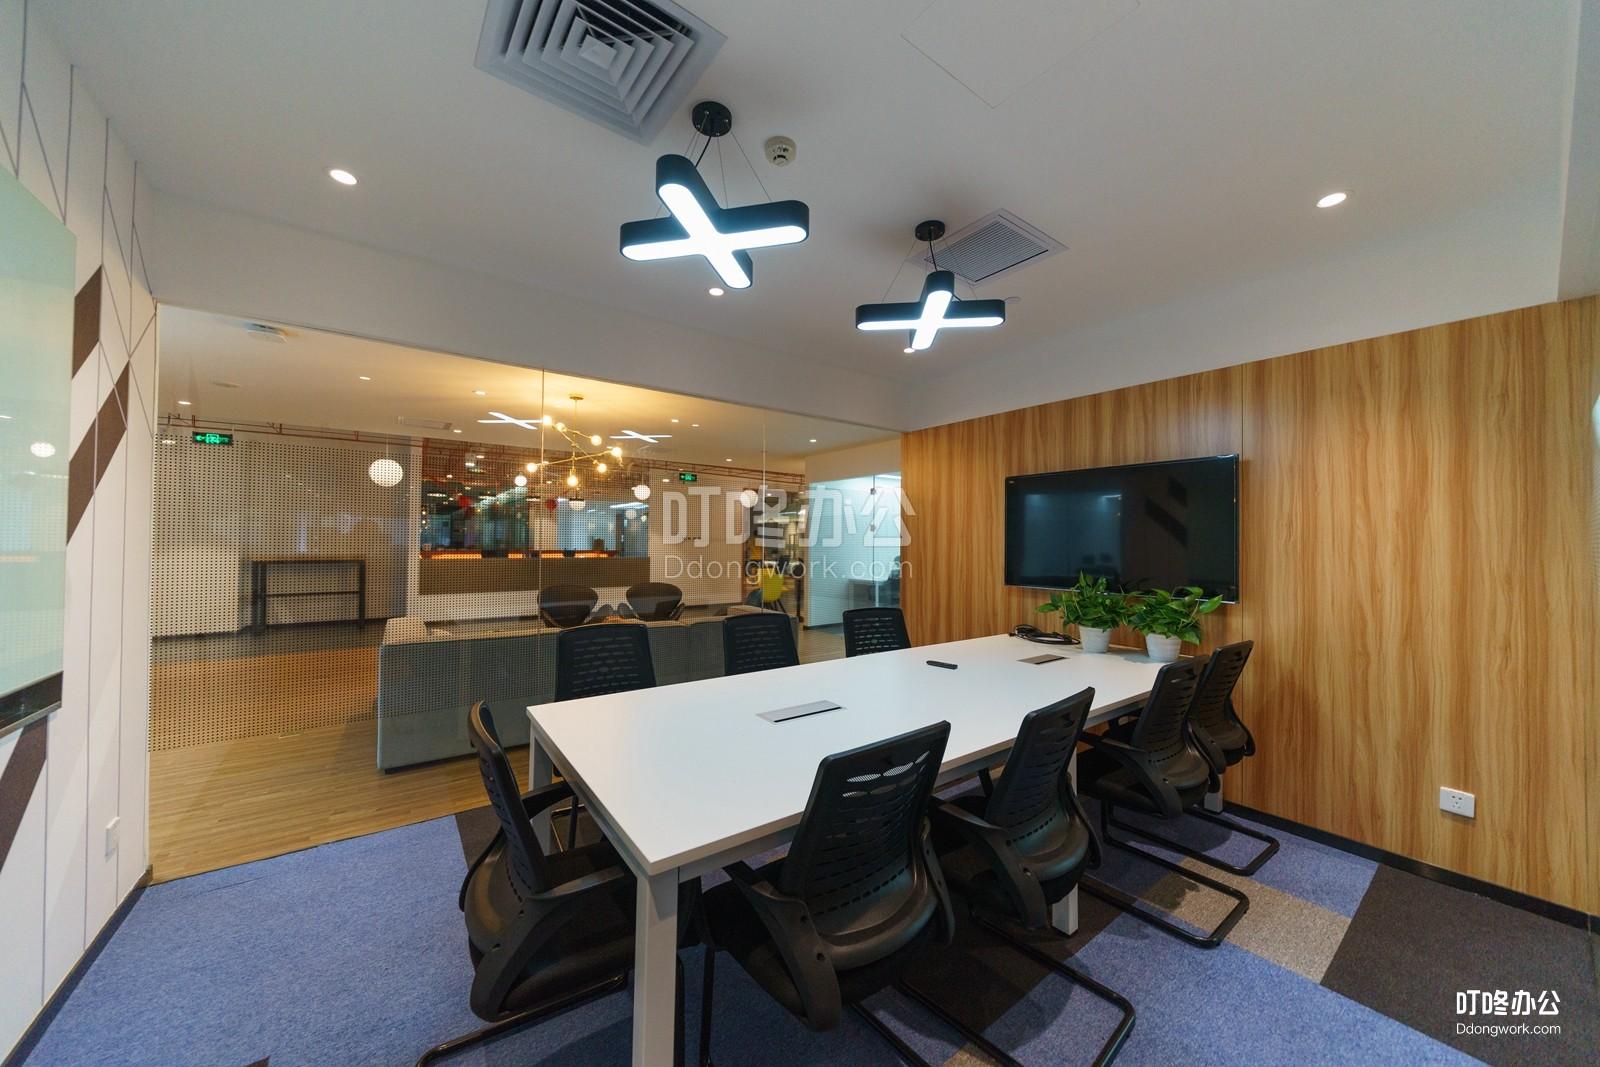 深圳数码大厦•优客工场会议室